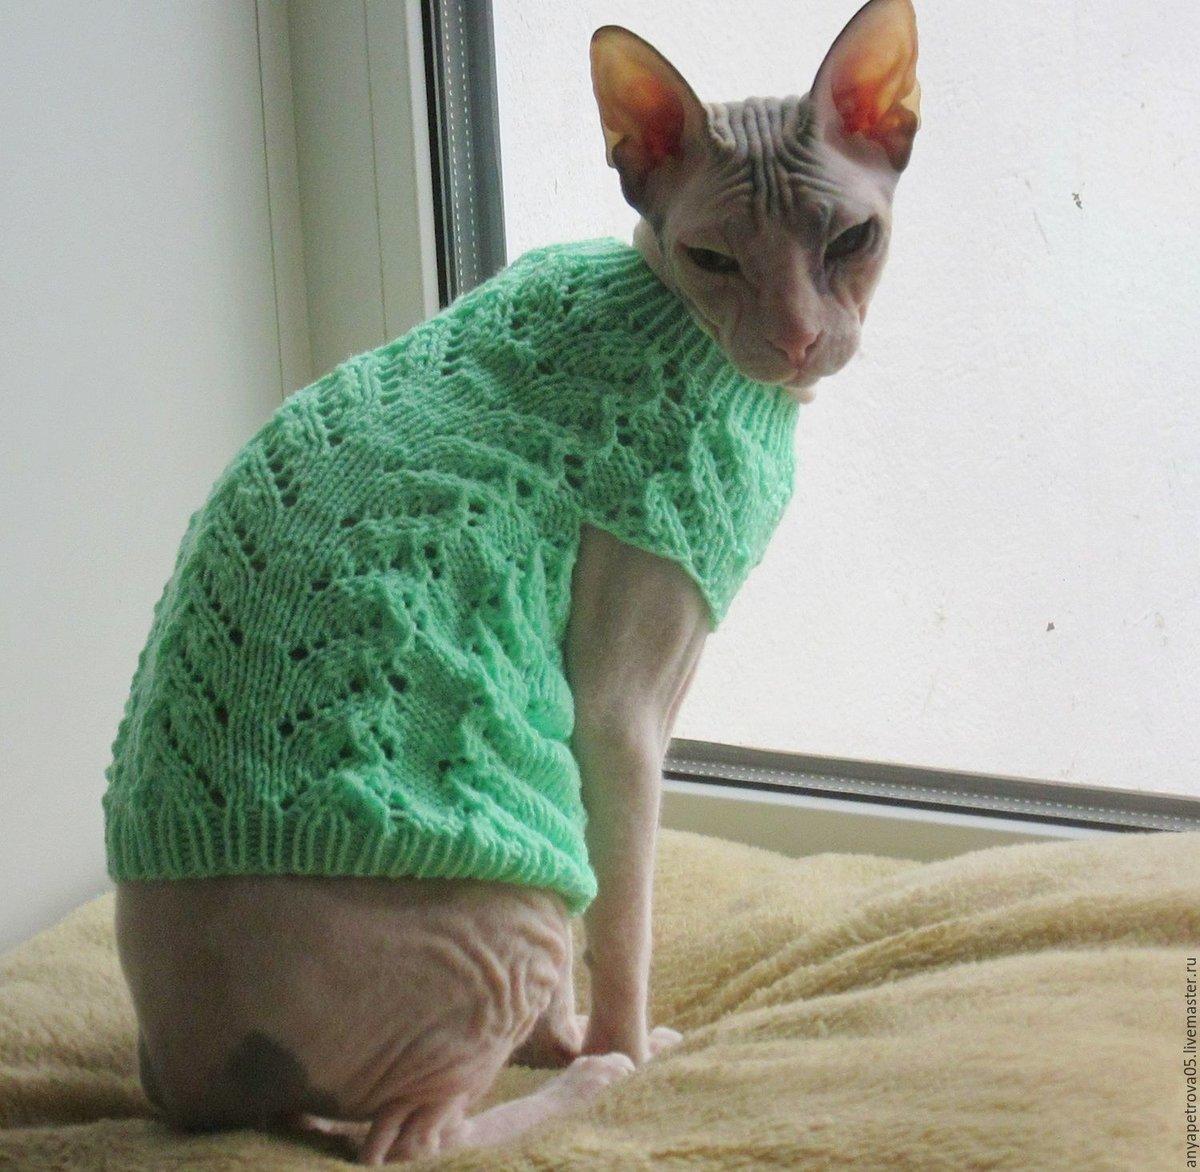 Лежанка для кота своими руками: старый свитер, поролон или 87